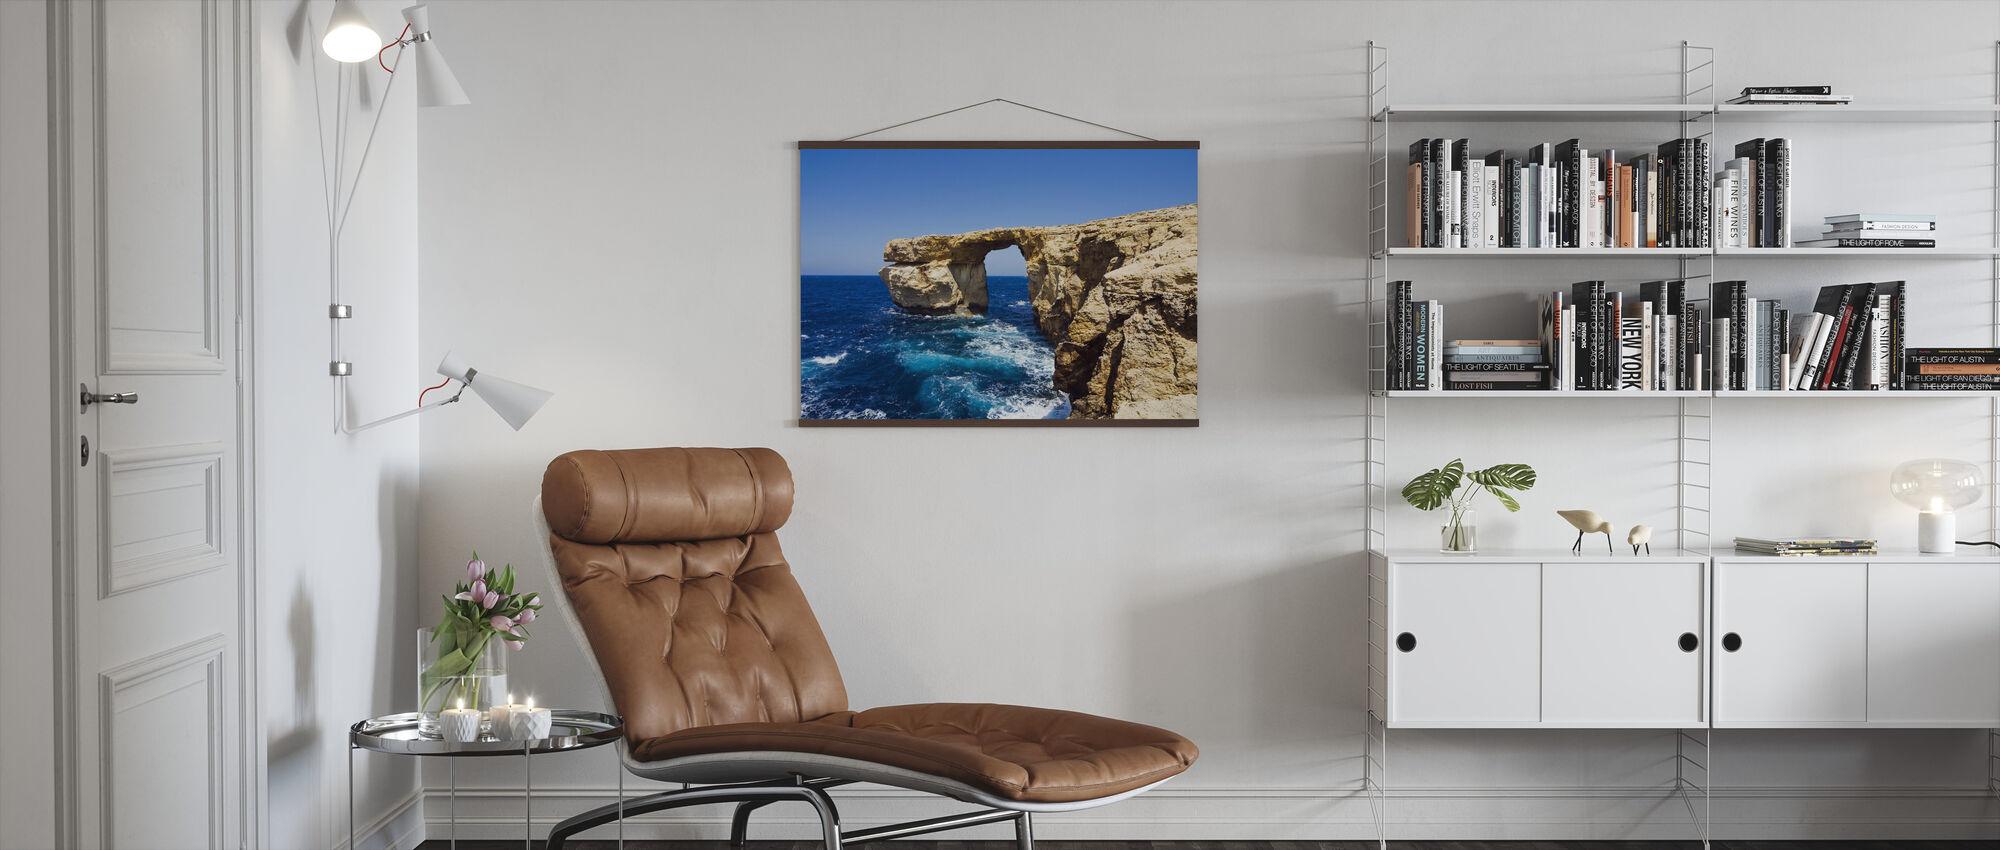 Azure-venster - Poster - Woonkamer